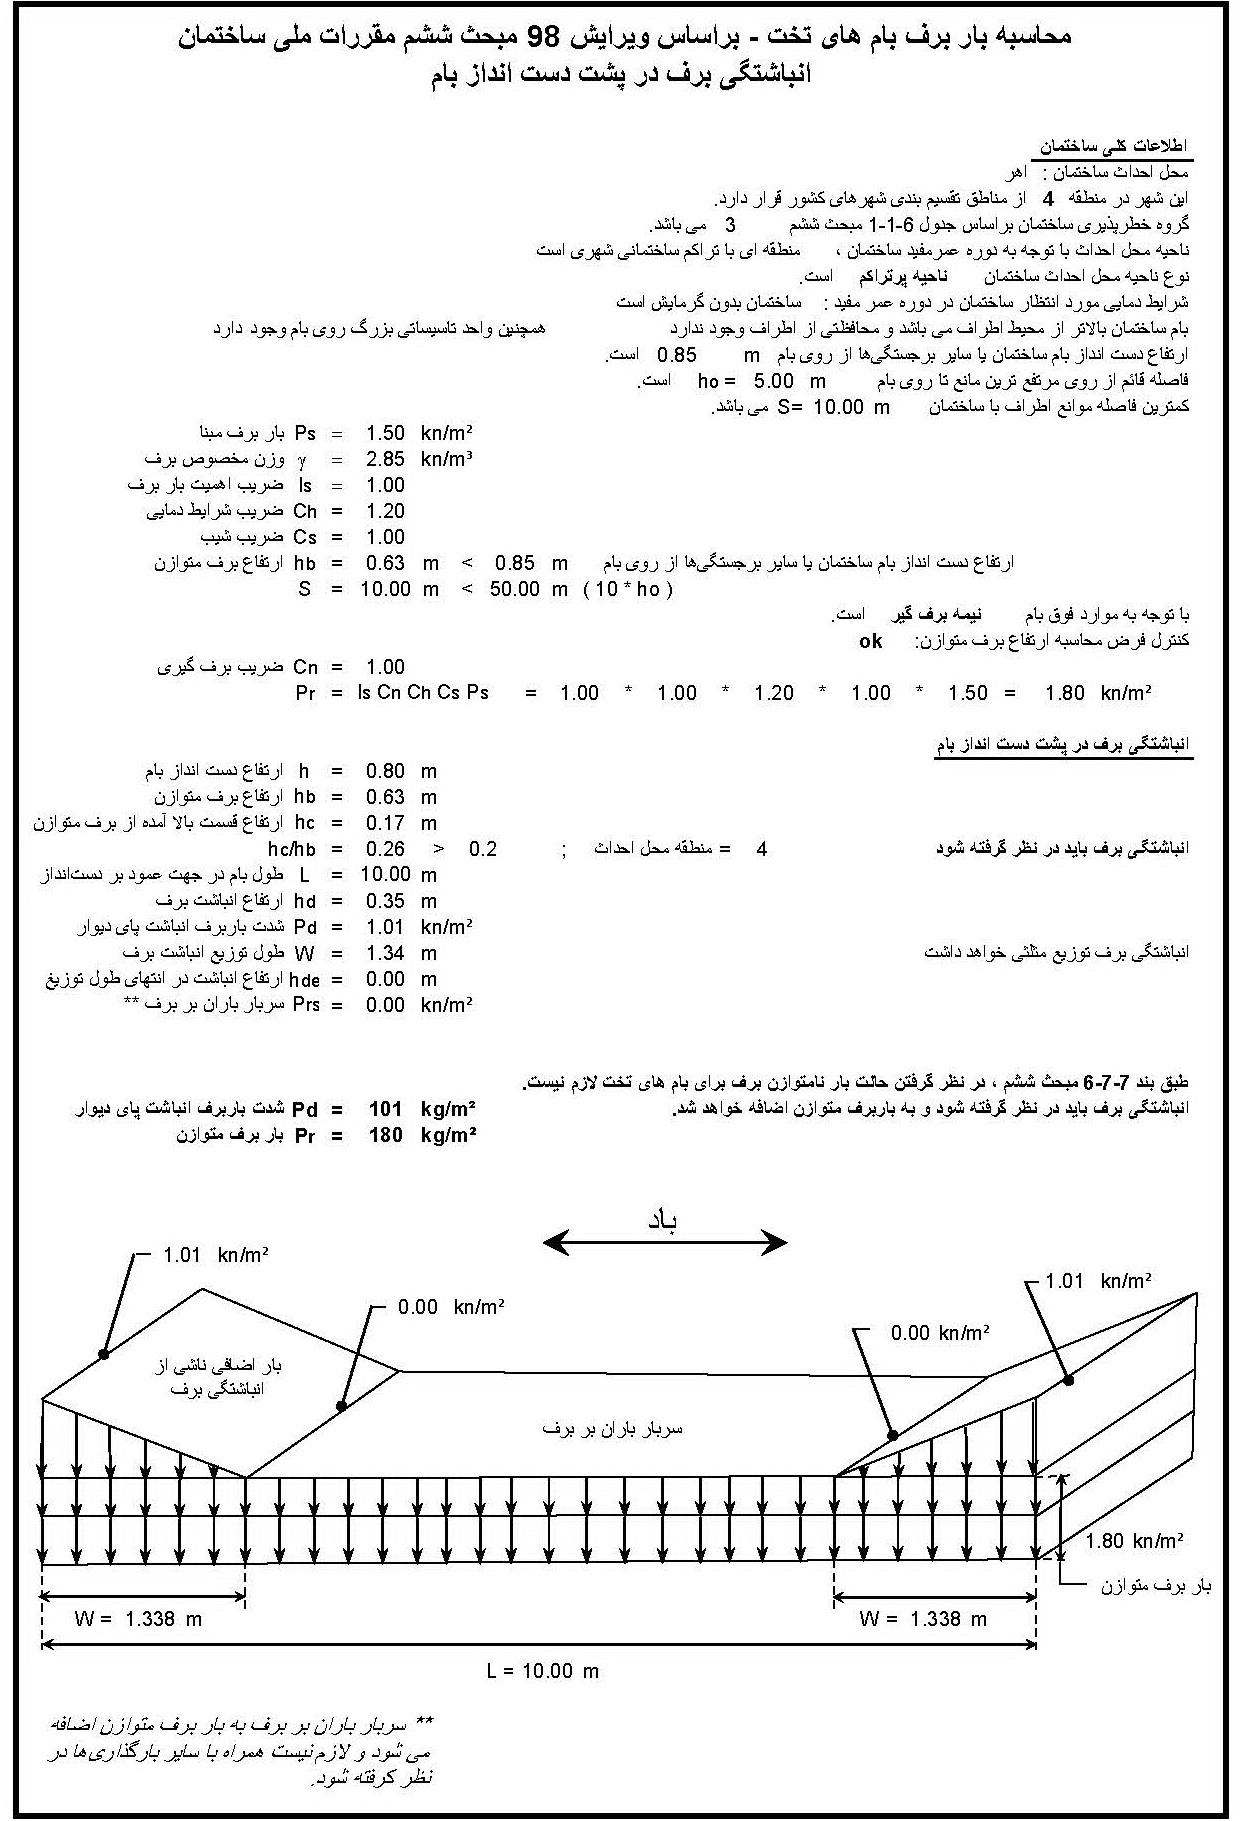 انباشتگی برف در پشت دست انداز بام -pdf خروجی